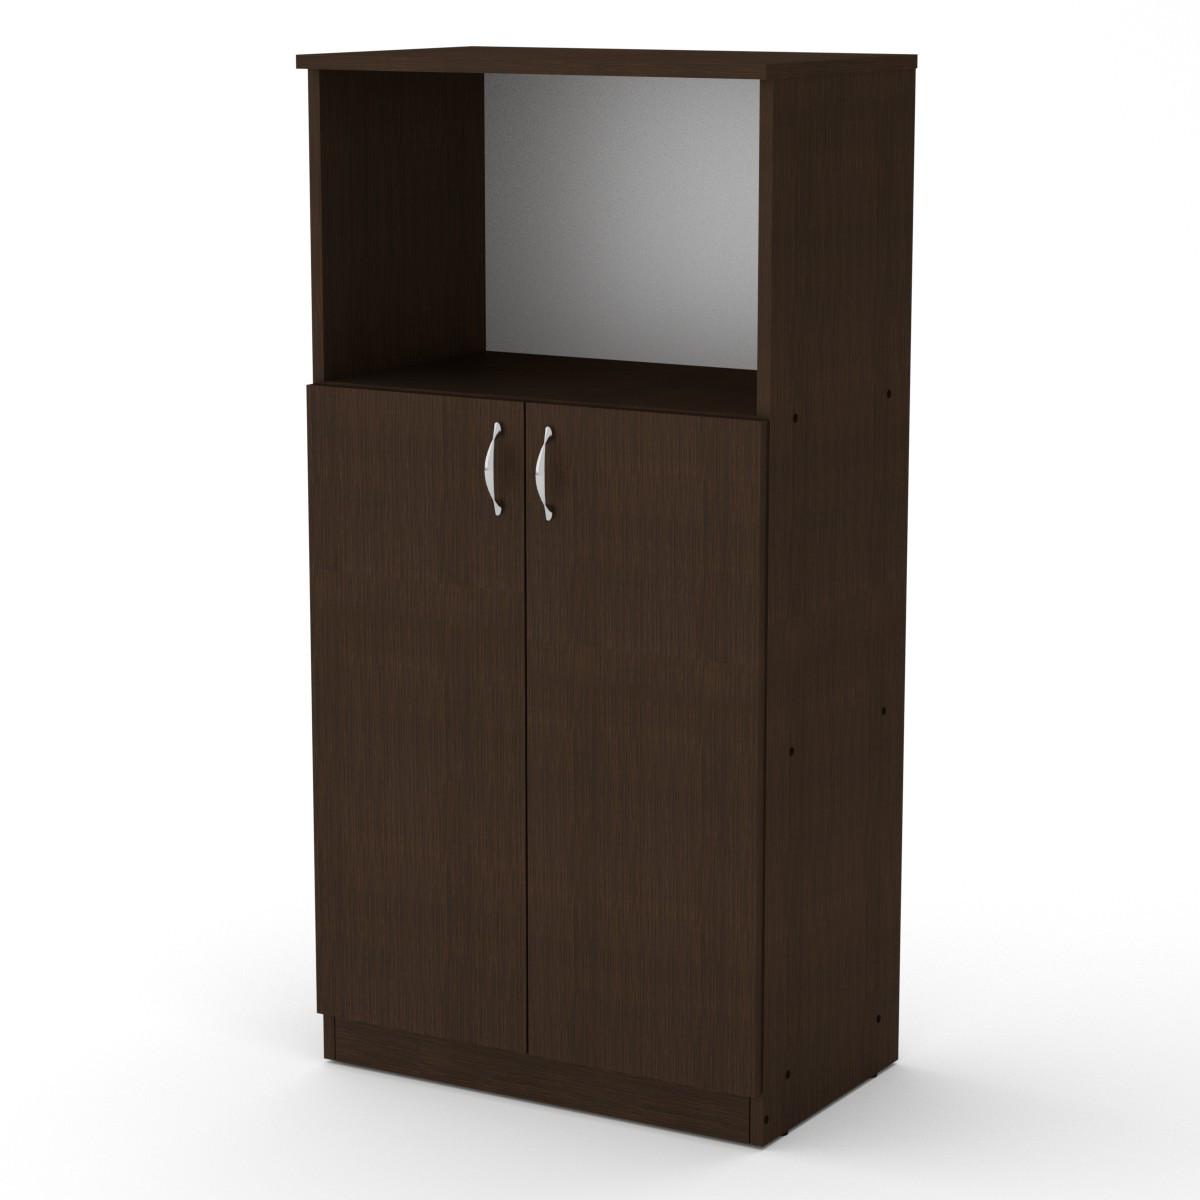 Шкаф книжный КШ-15 венге темный Компанит (61х37х120 см)